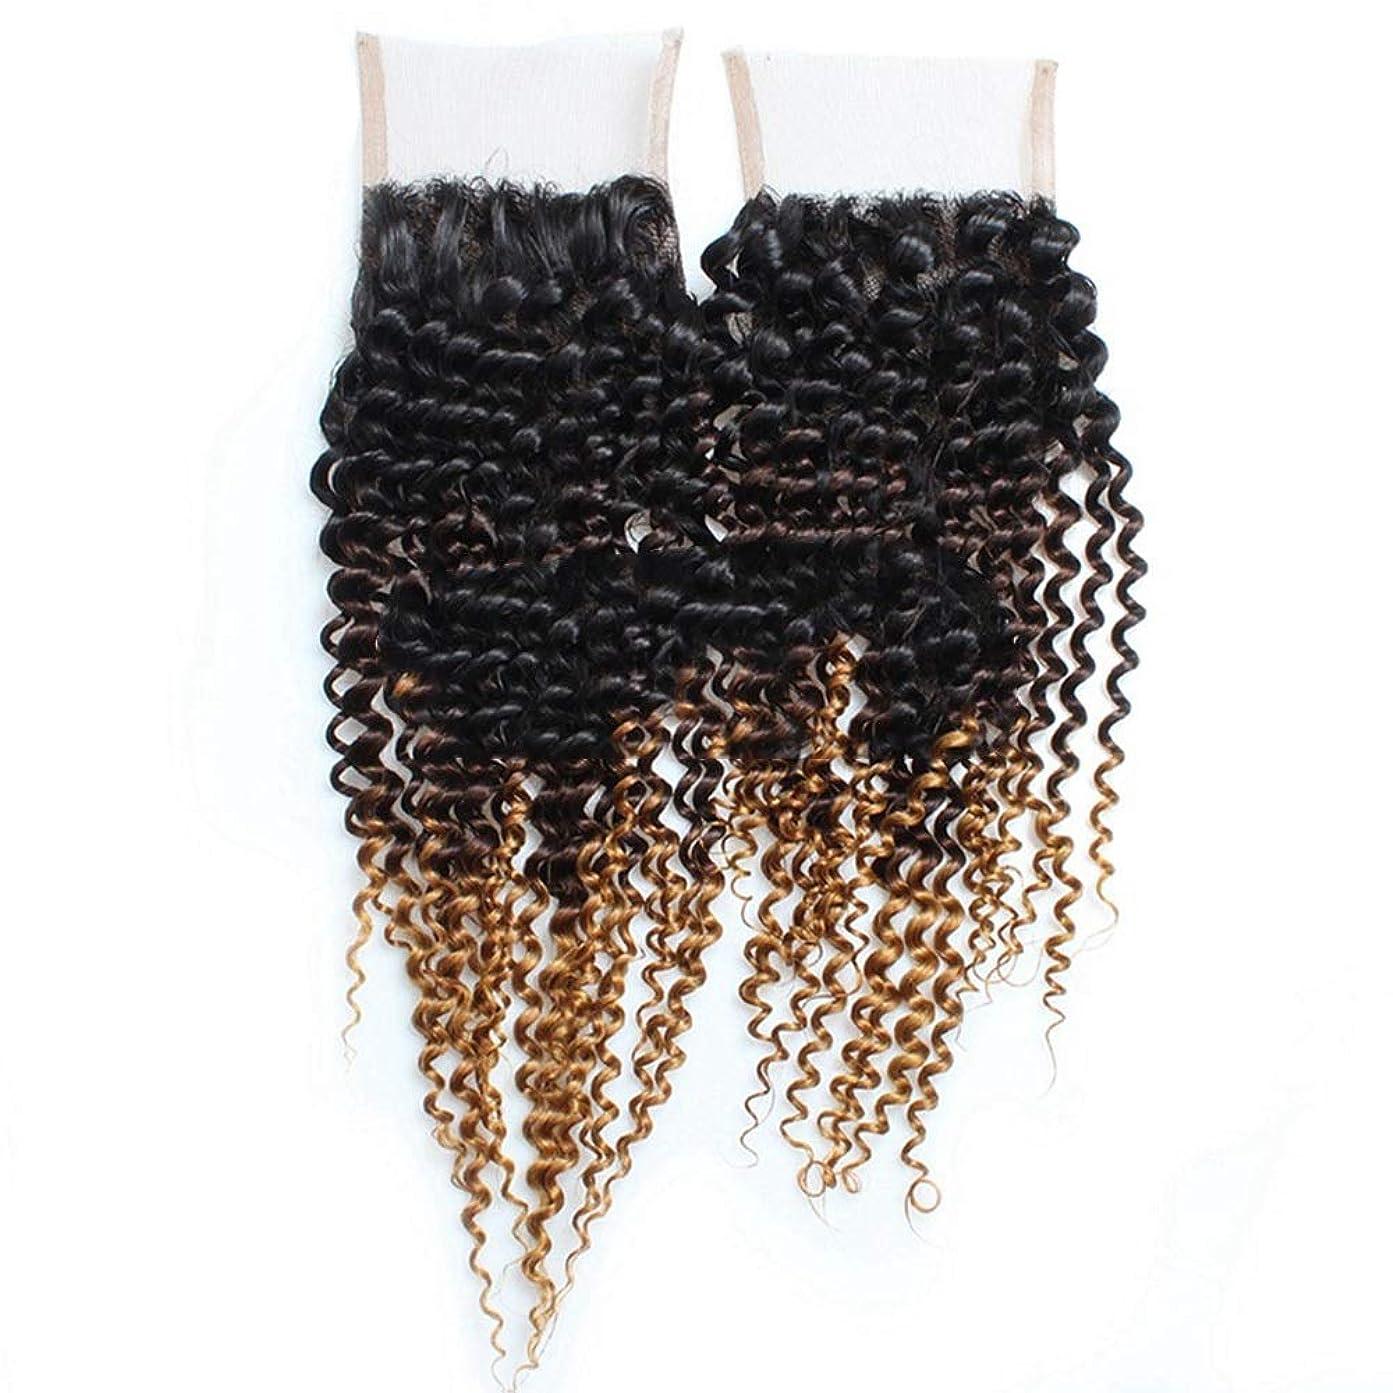 曲がったインカ帝国ブッシュYESONEEP 4×4レース前頭閉鎖黒からブロンドの3トーンカラー9A人間の髪の毛自然に見える合成髪レースかつらロールプレイングかつら長くて短い女性自然 (色 : ブラウン, サイズ : 18 inch)